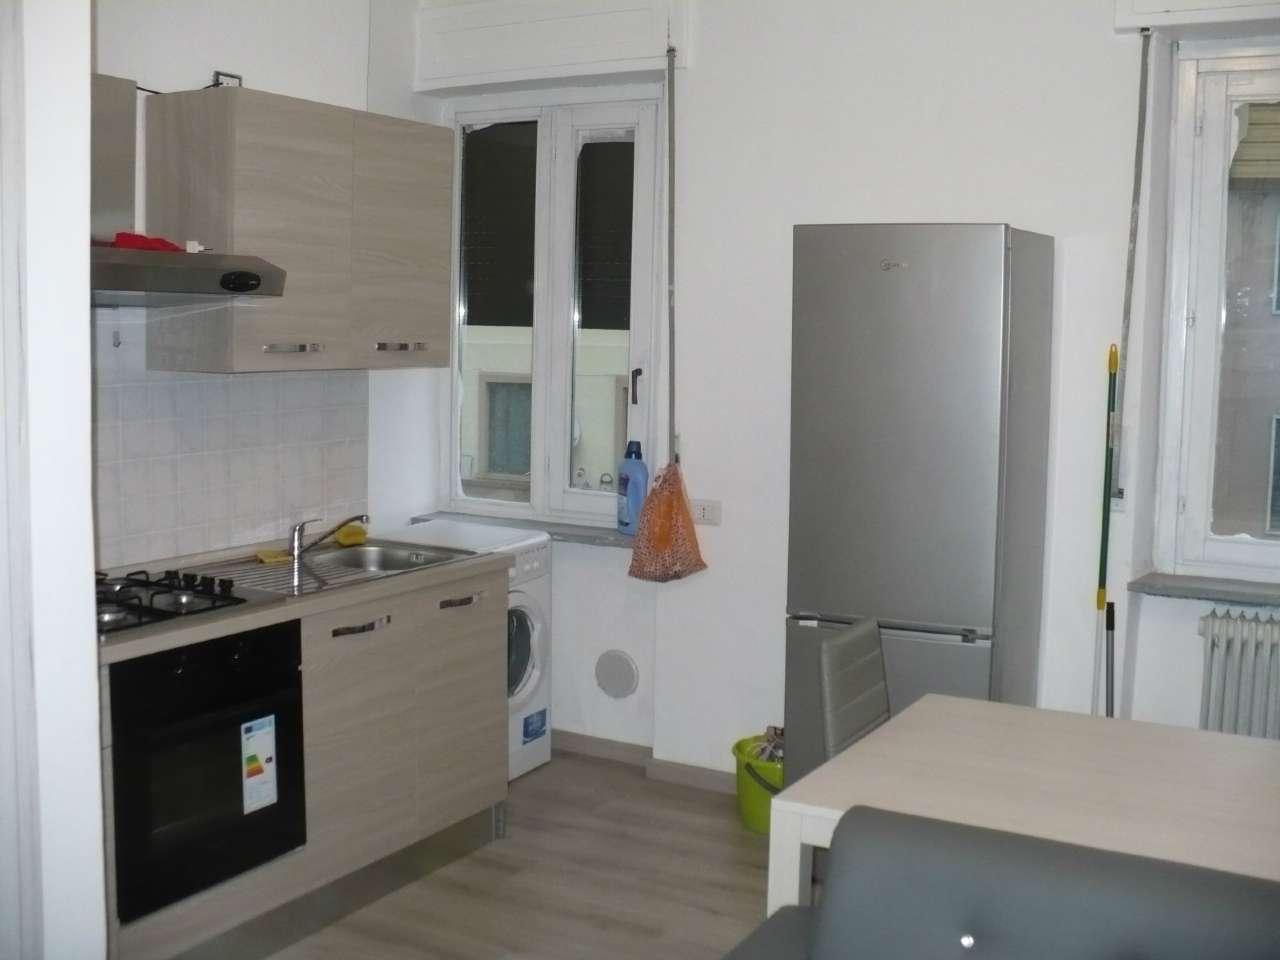 Appartamento in Vendita a Milano 28 Vialba / Musocco / Lampugnano: 2 locali, 45 mq